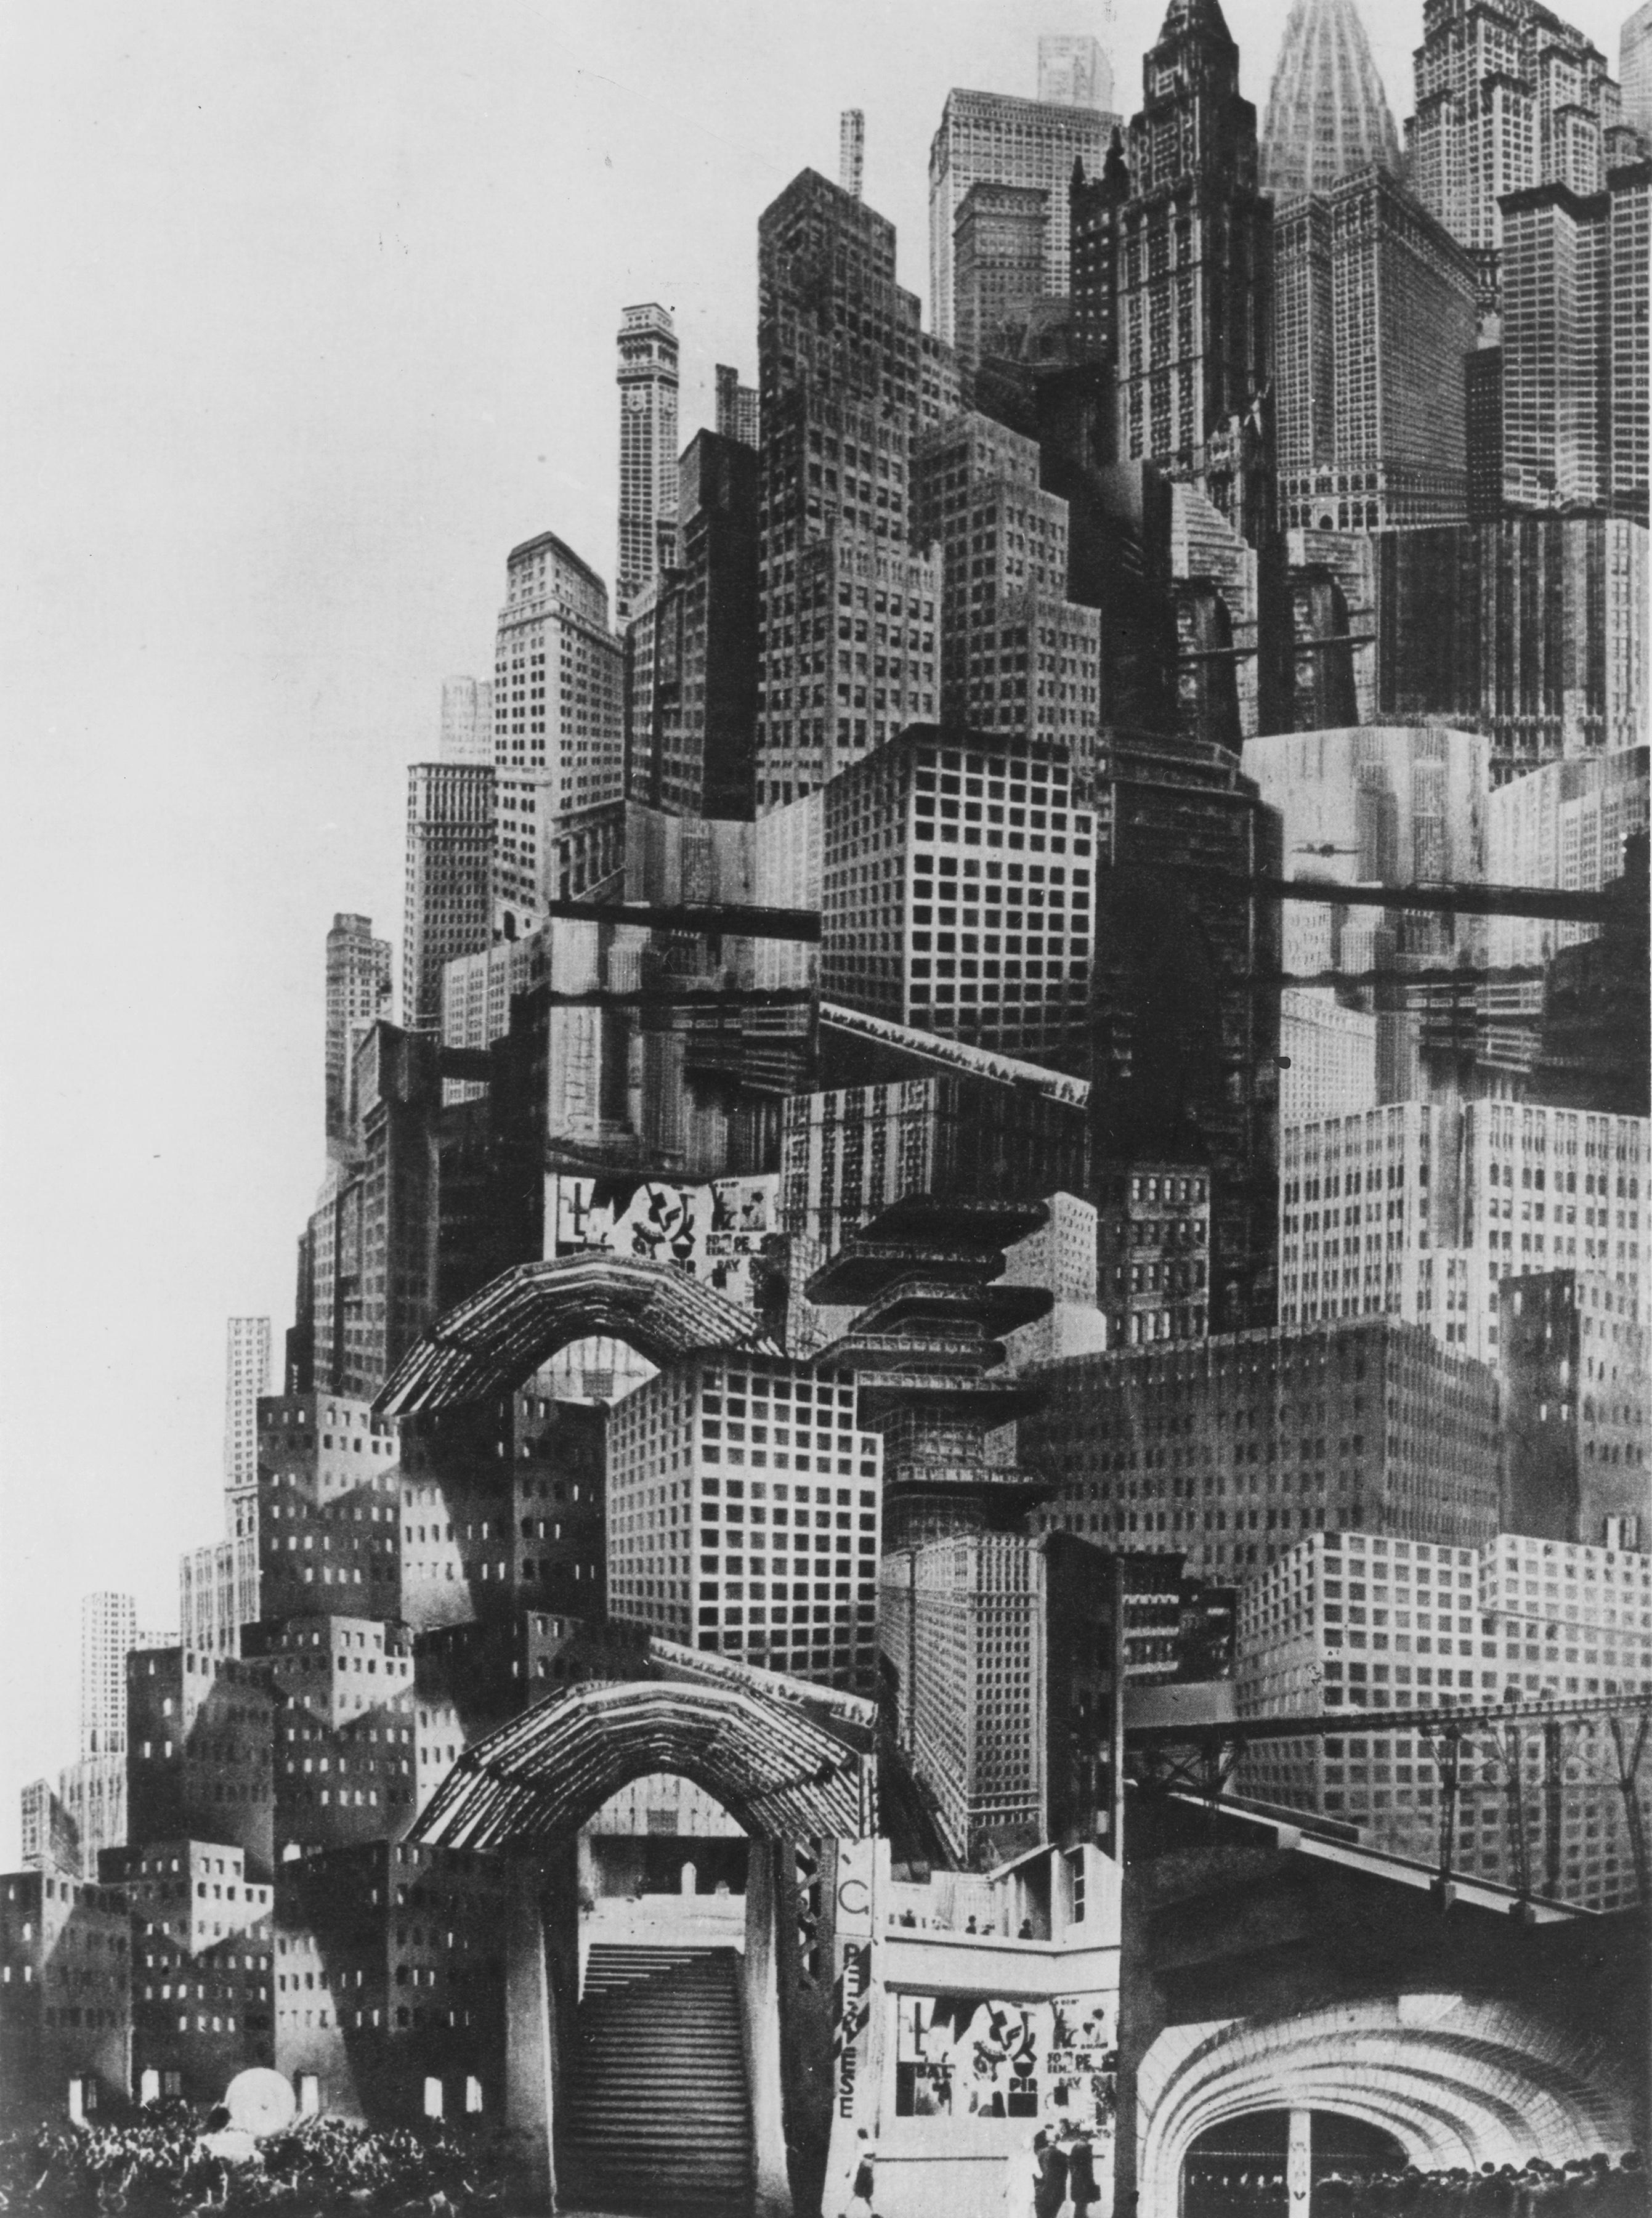 Nuove cartografie urbane: elementi per una riflessione critica